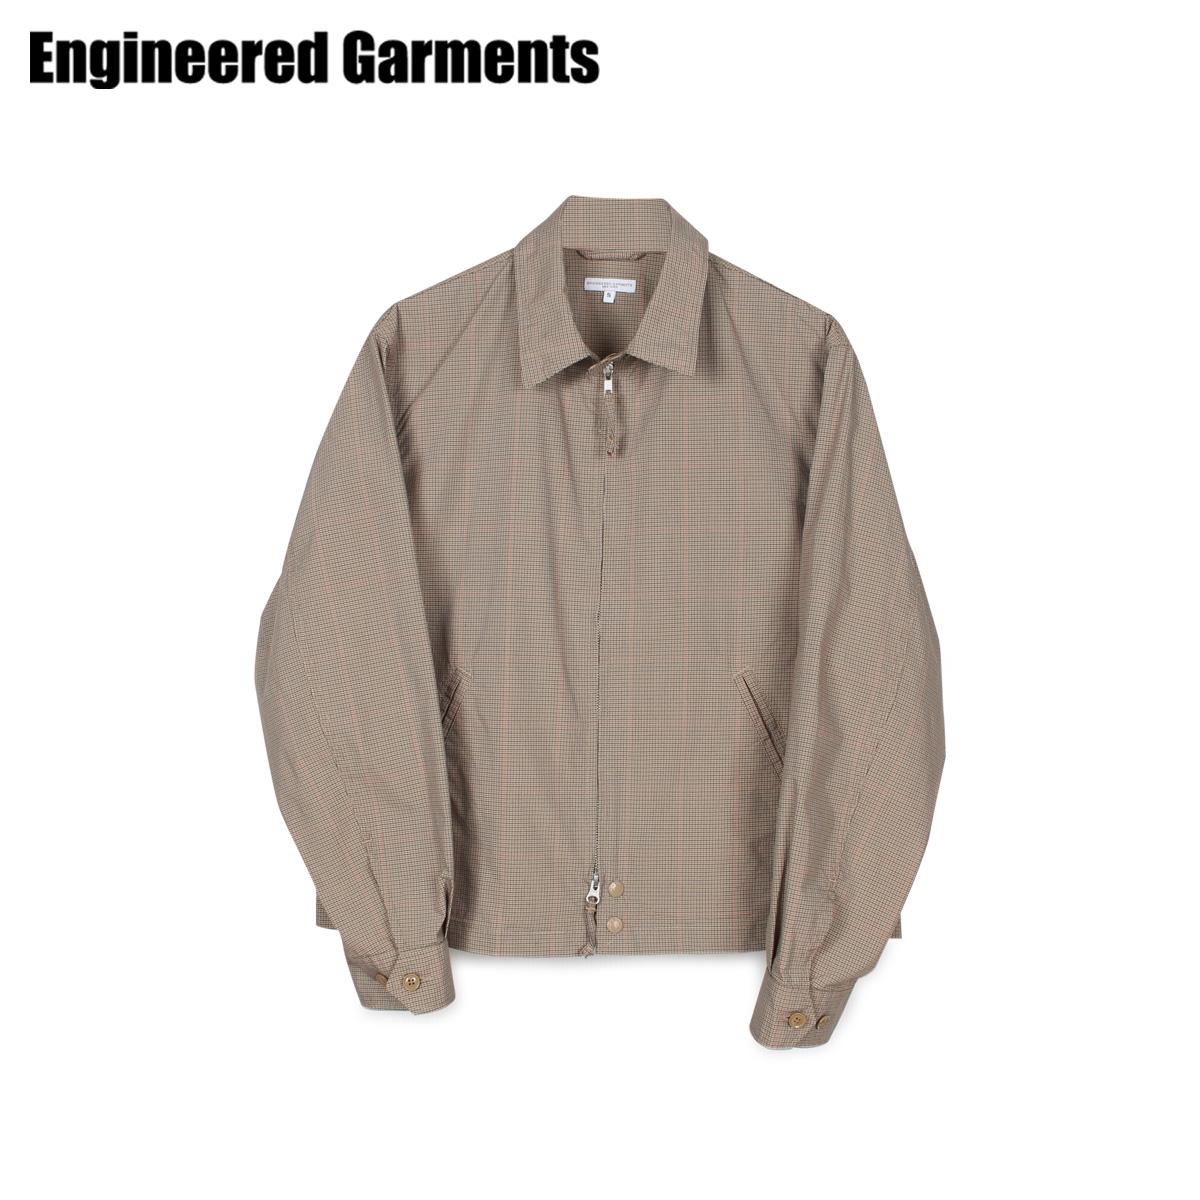 【最大2000円OFFクーポン】 エンジニアドガーメンツ ENGINEERED GARMENTS ジャケット メンズ CLAIGTON JACKET ベージュ 20S1D026 [4/22 新入荷]